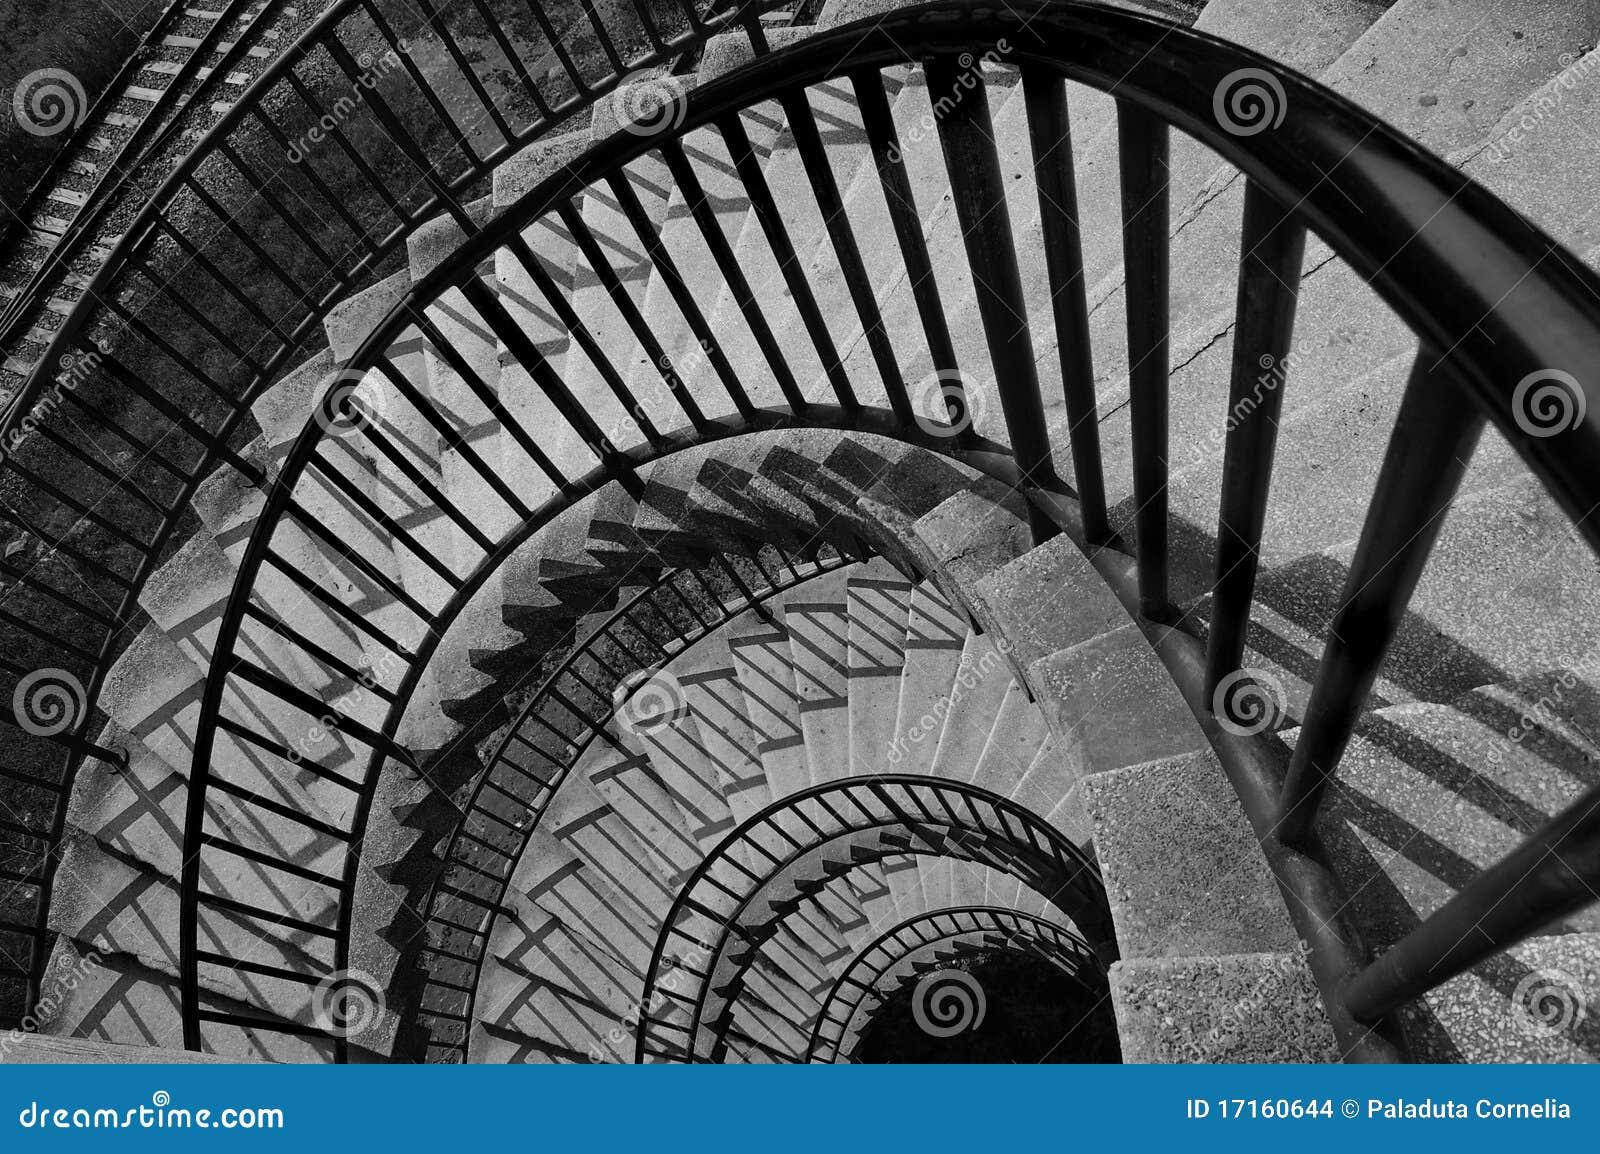 Escalier noir et blanc images stock image 17160644 - Escalier noir et blanc ...